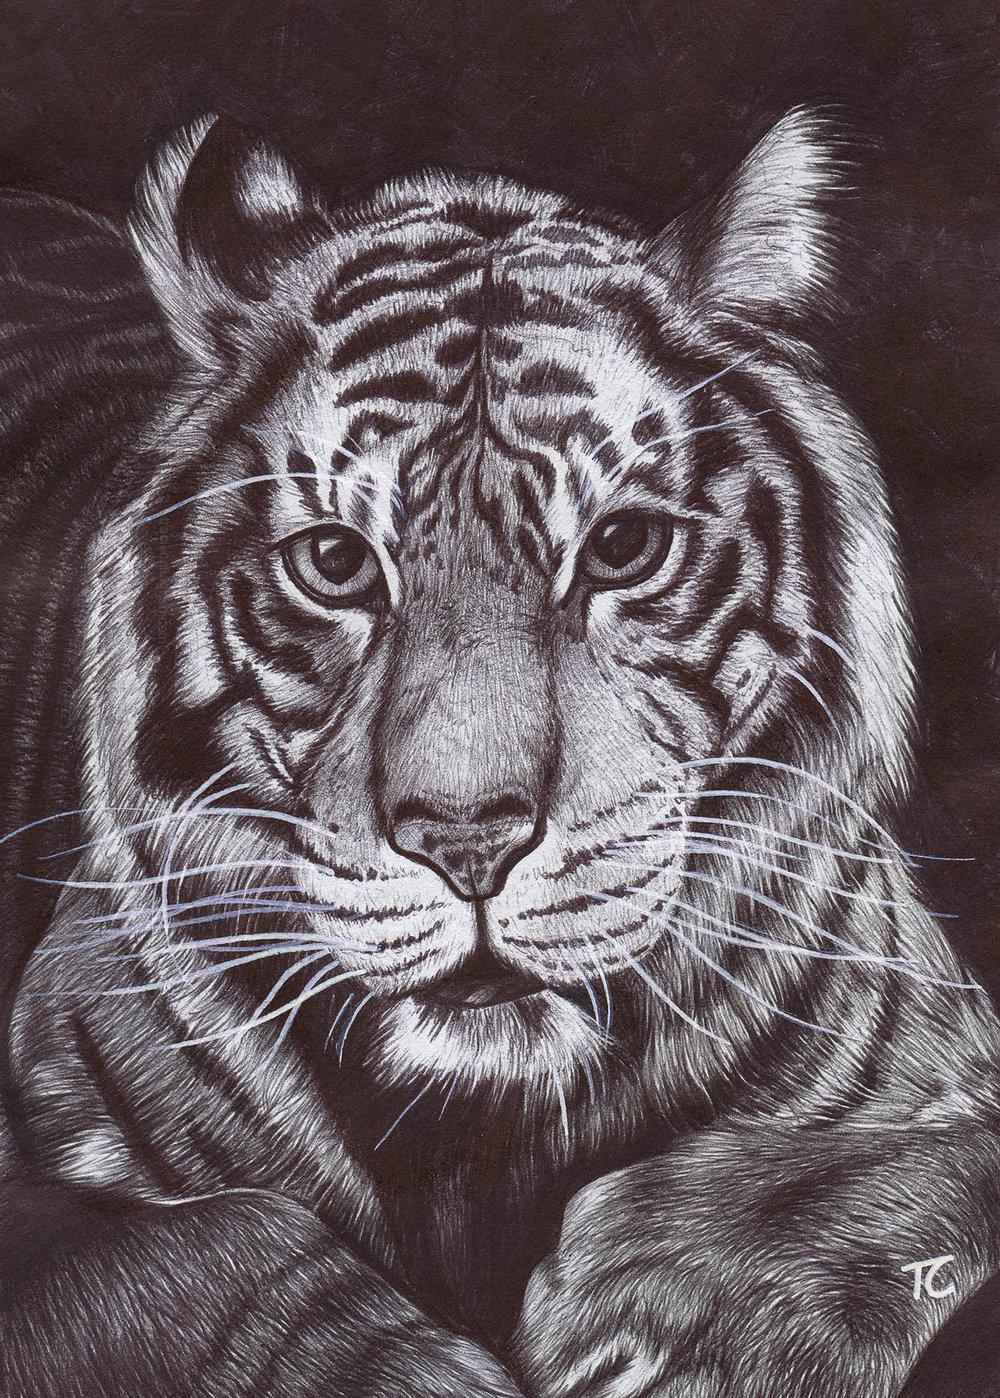 Tiger_SnWM.jpg